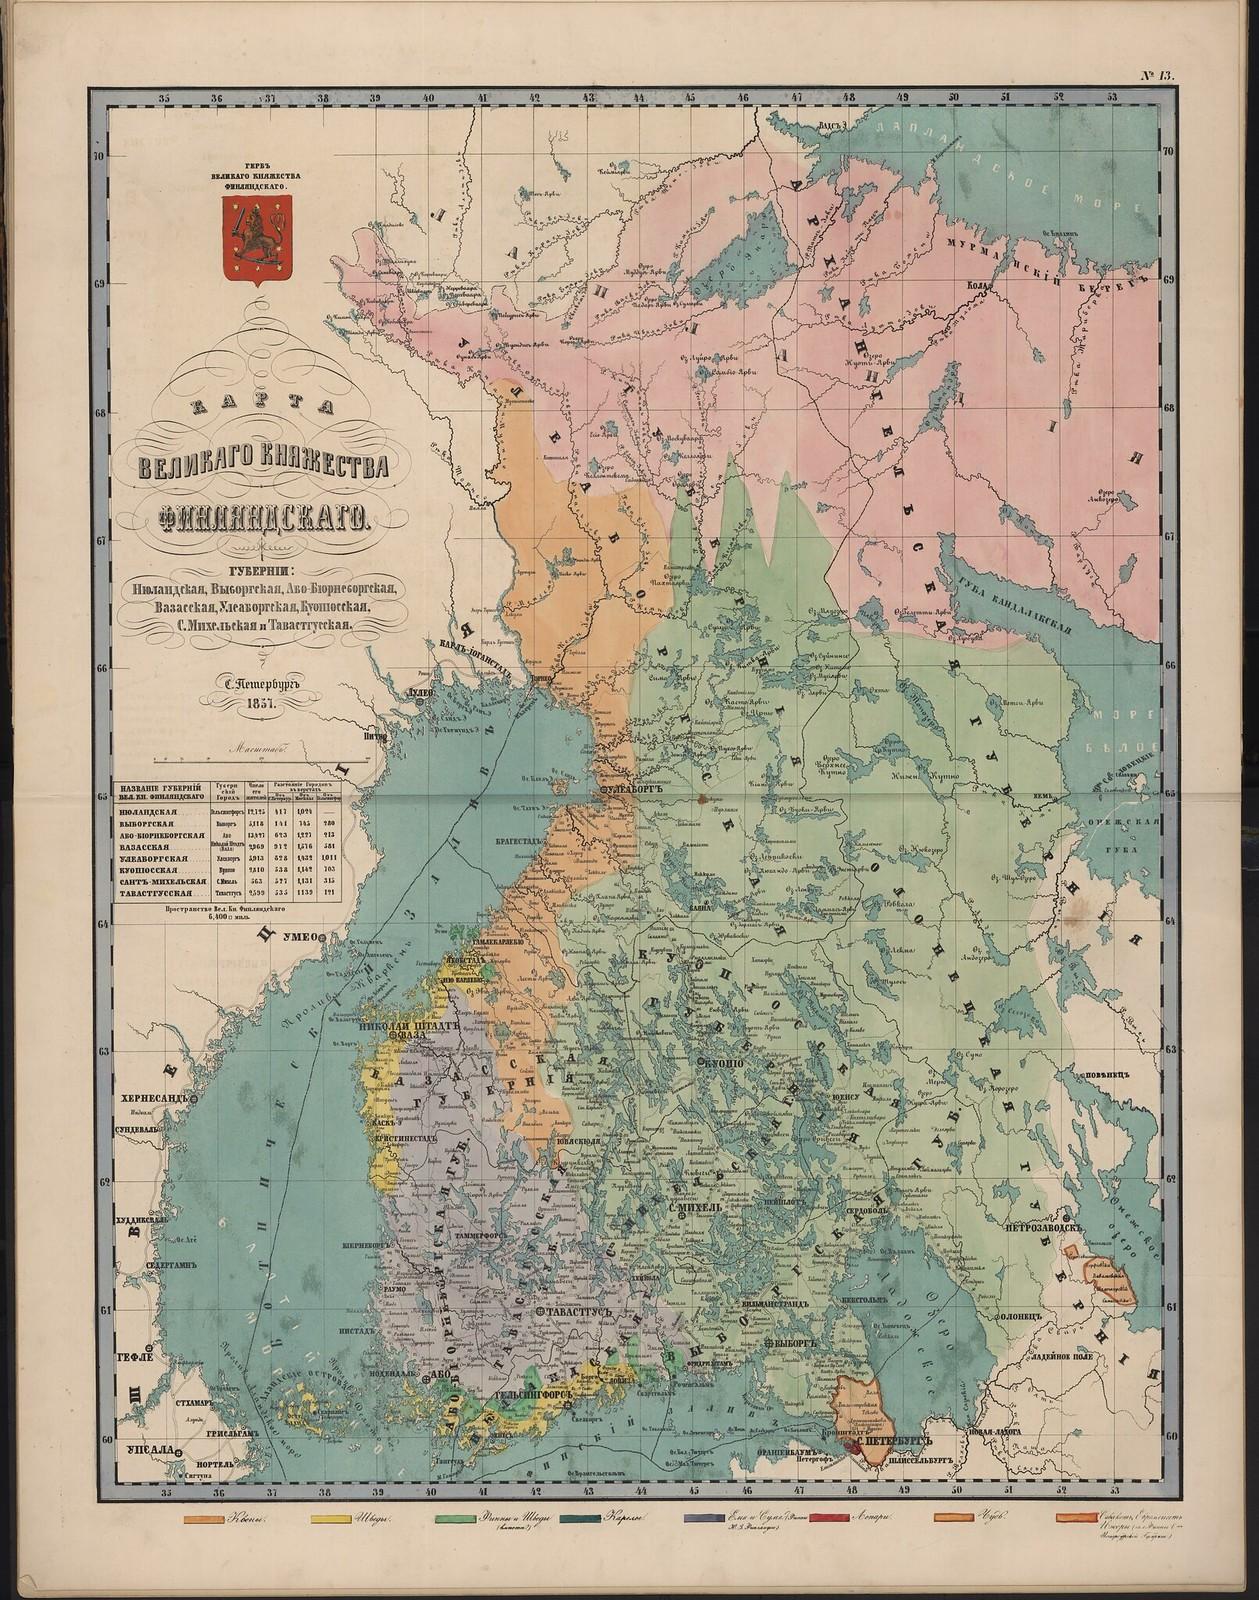 13-а. Карта Великого Княжества Финляндского (этнографическая).